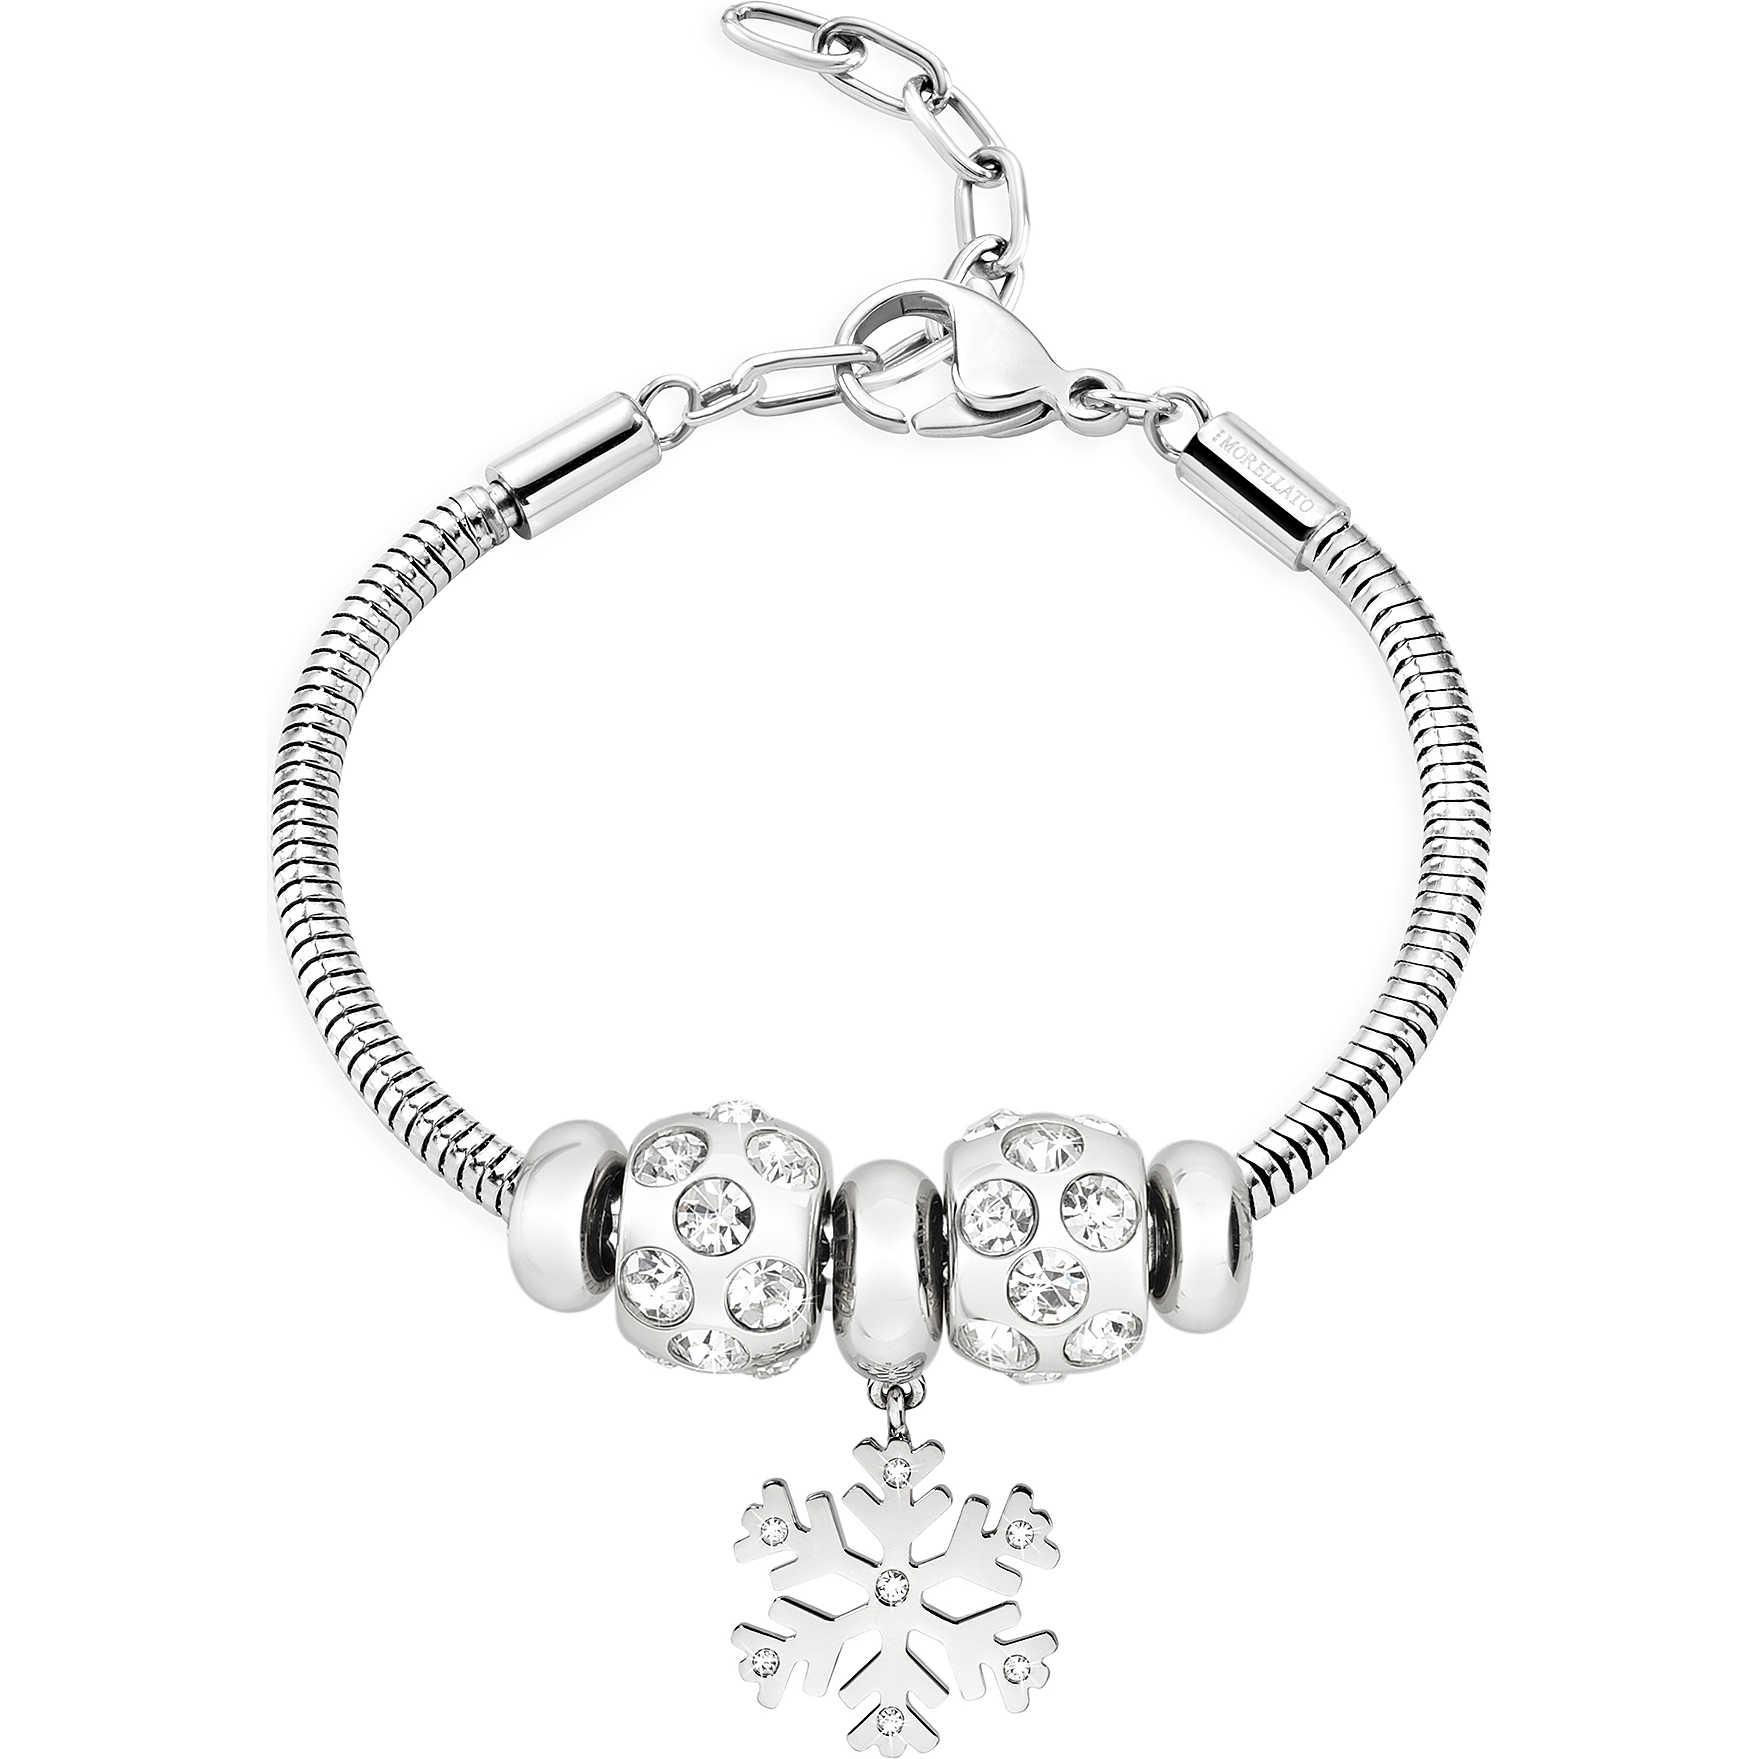 prezzo più basso 60579 63ad3 Morellato bracciali amicizia – Gioielli con diamanti popolari